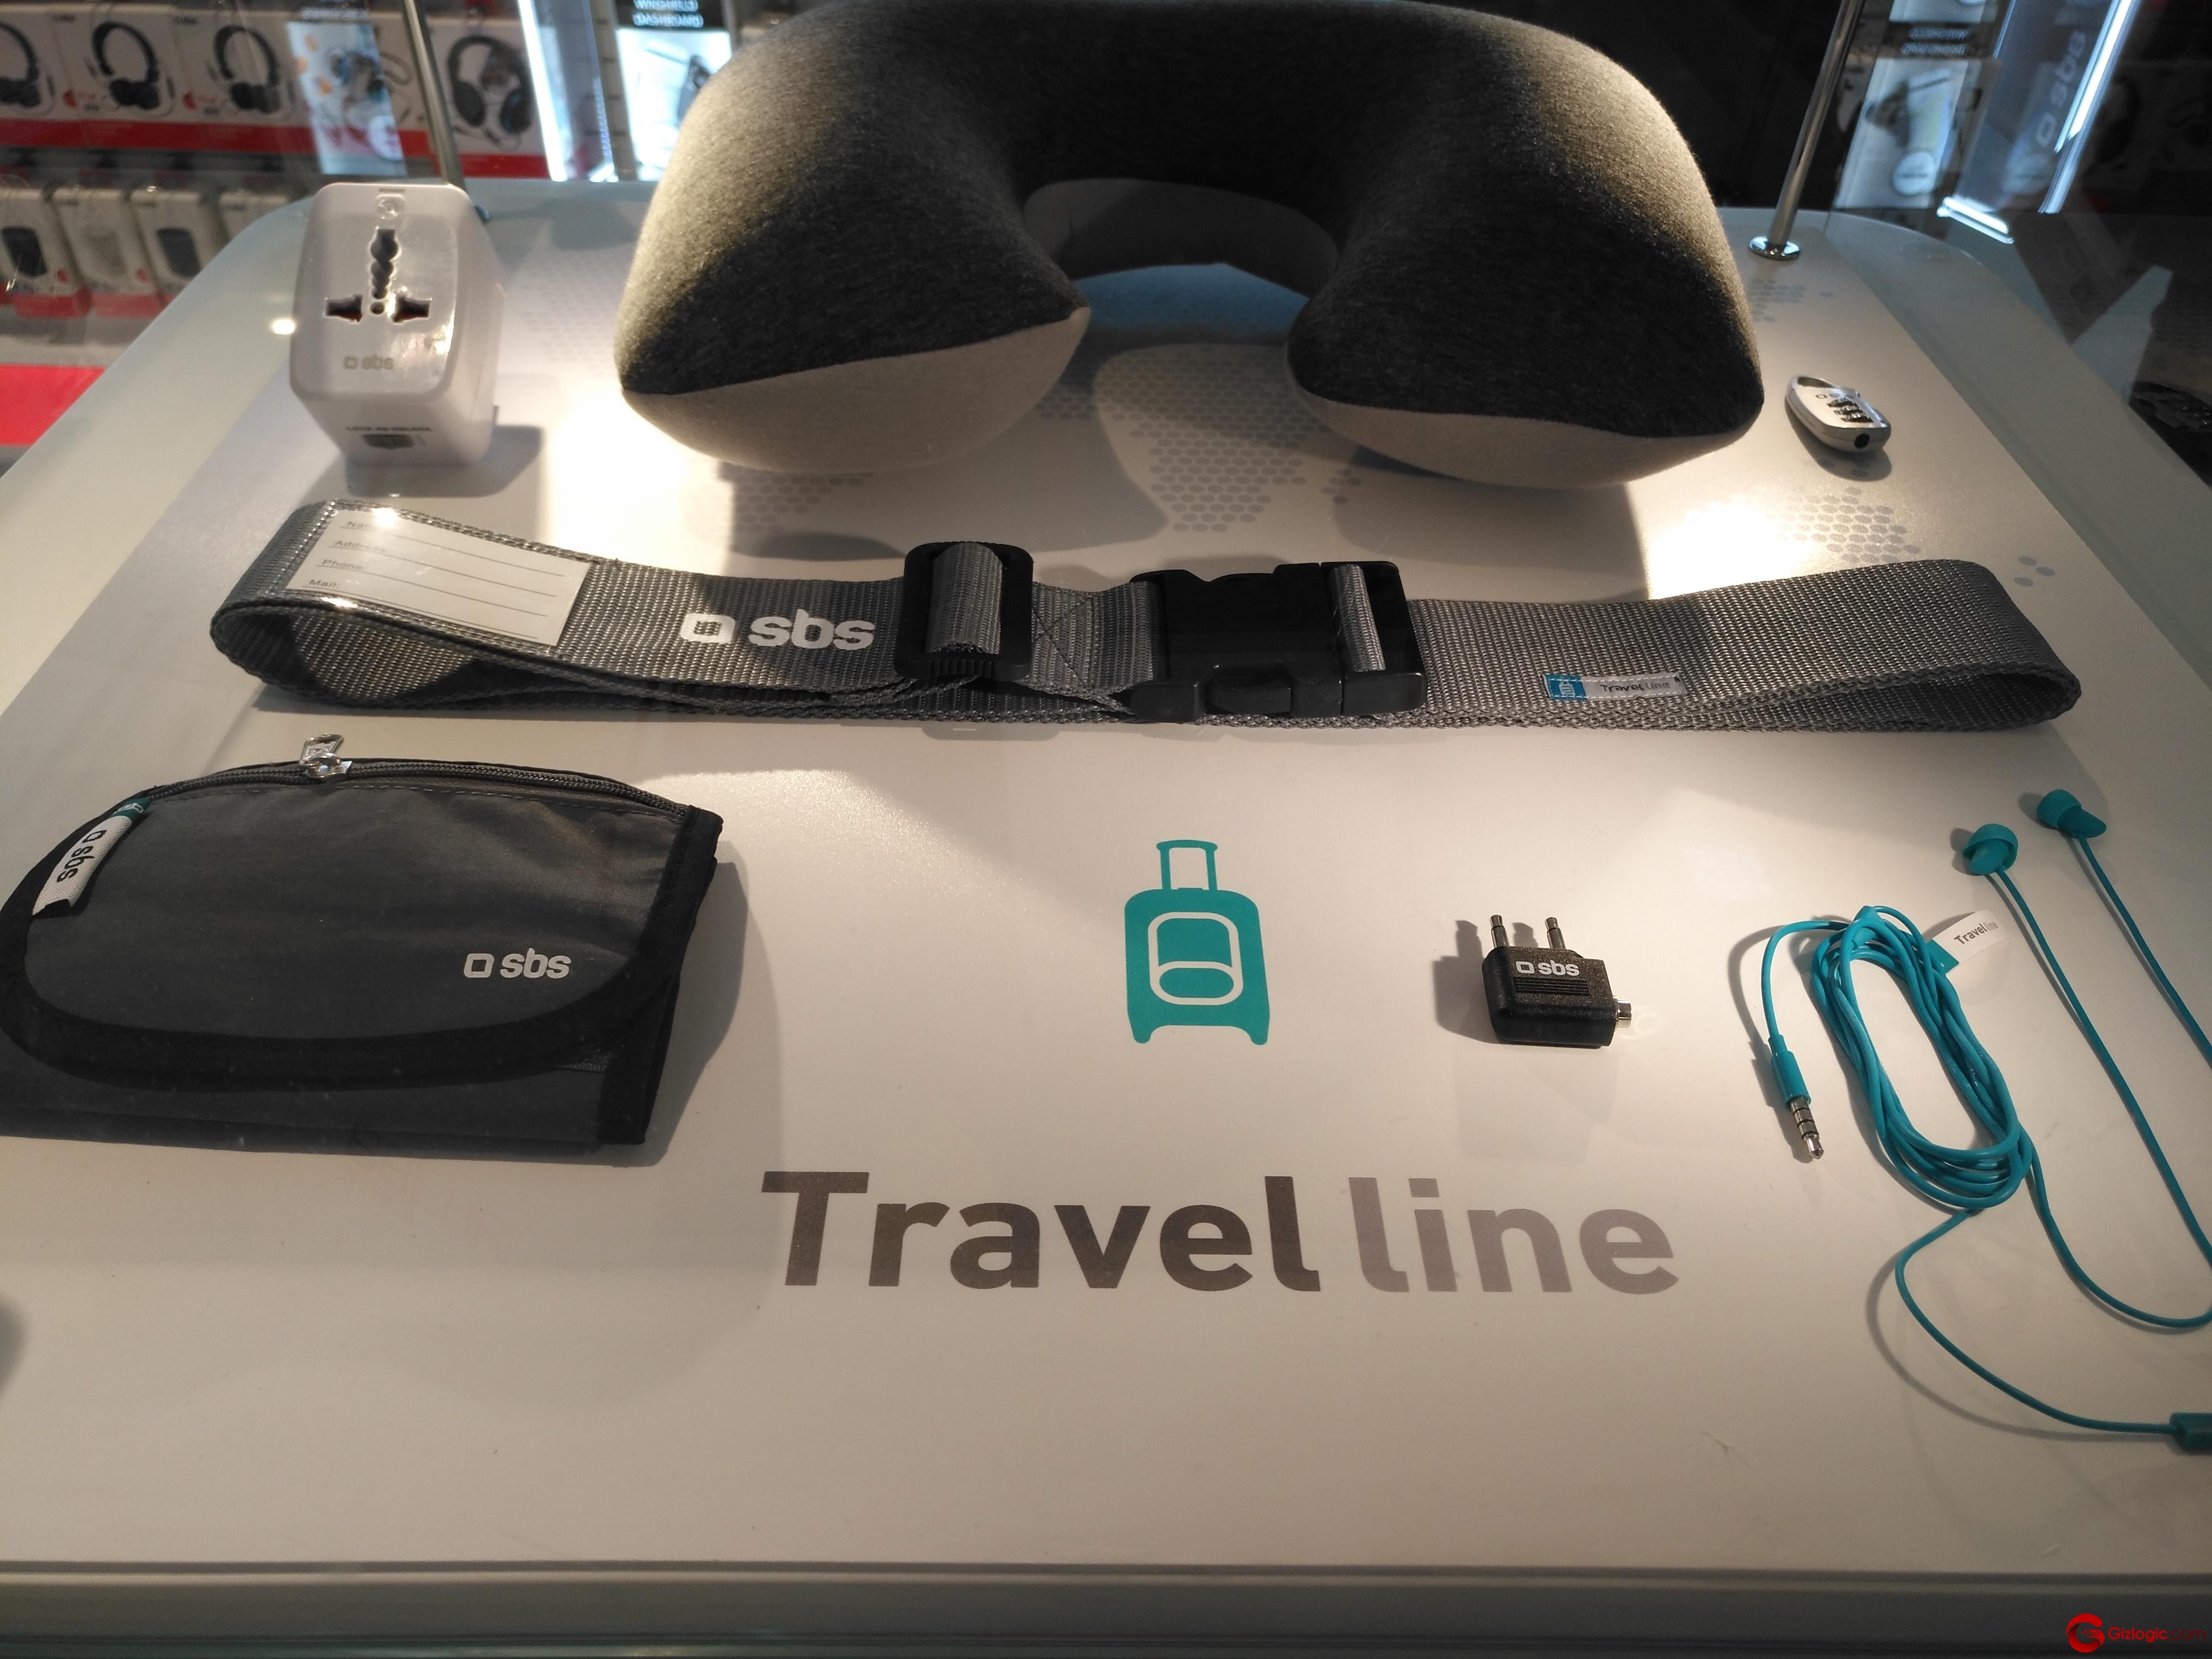 SBS-Travel Line